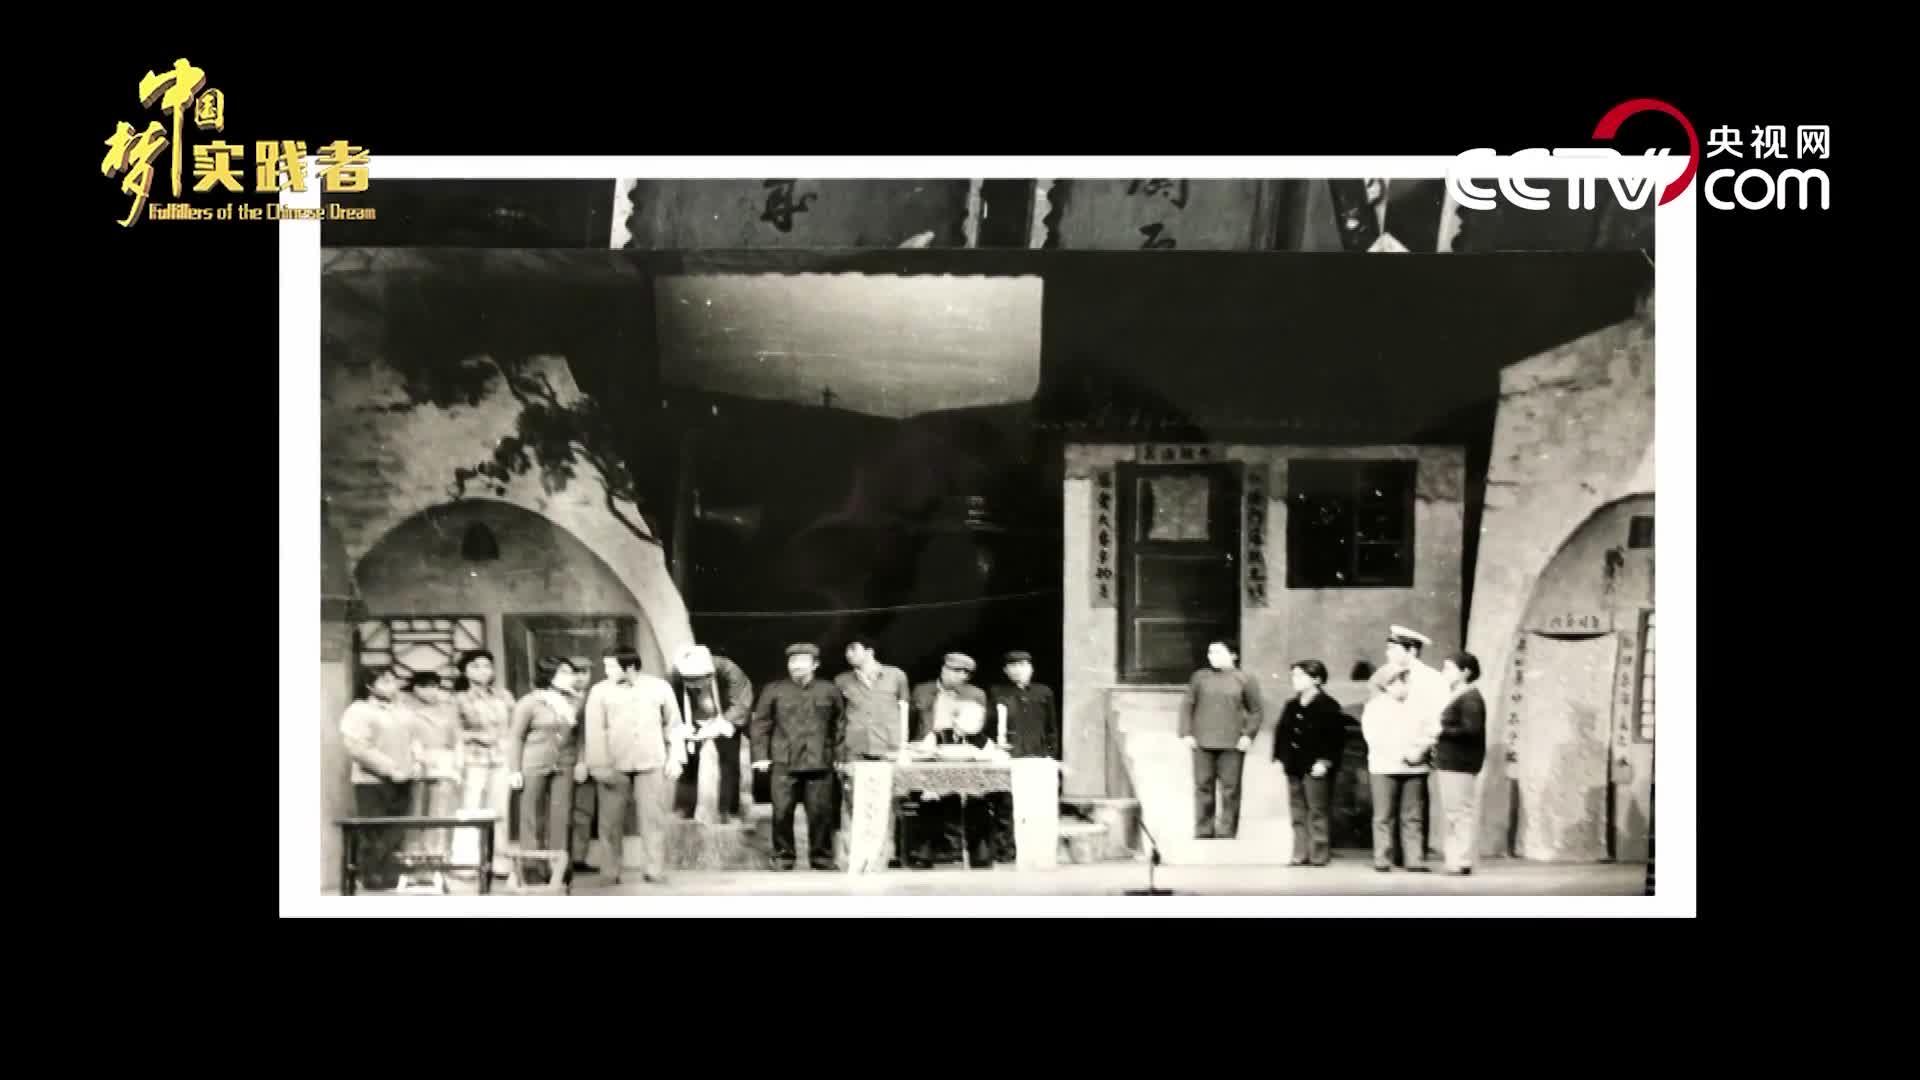 [视频]【中国梦实践者】王志洪:一个人和一个团的六十年